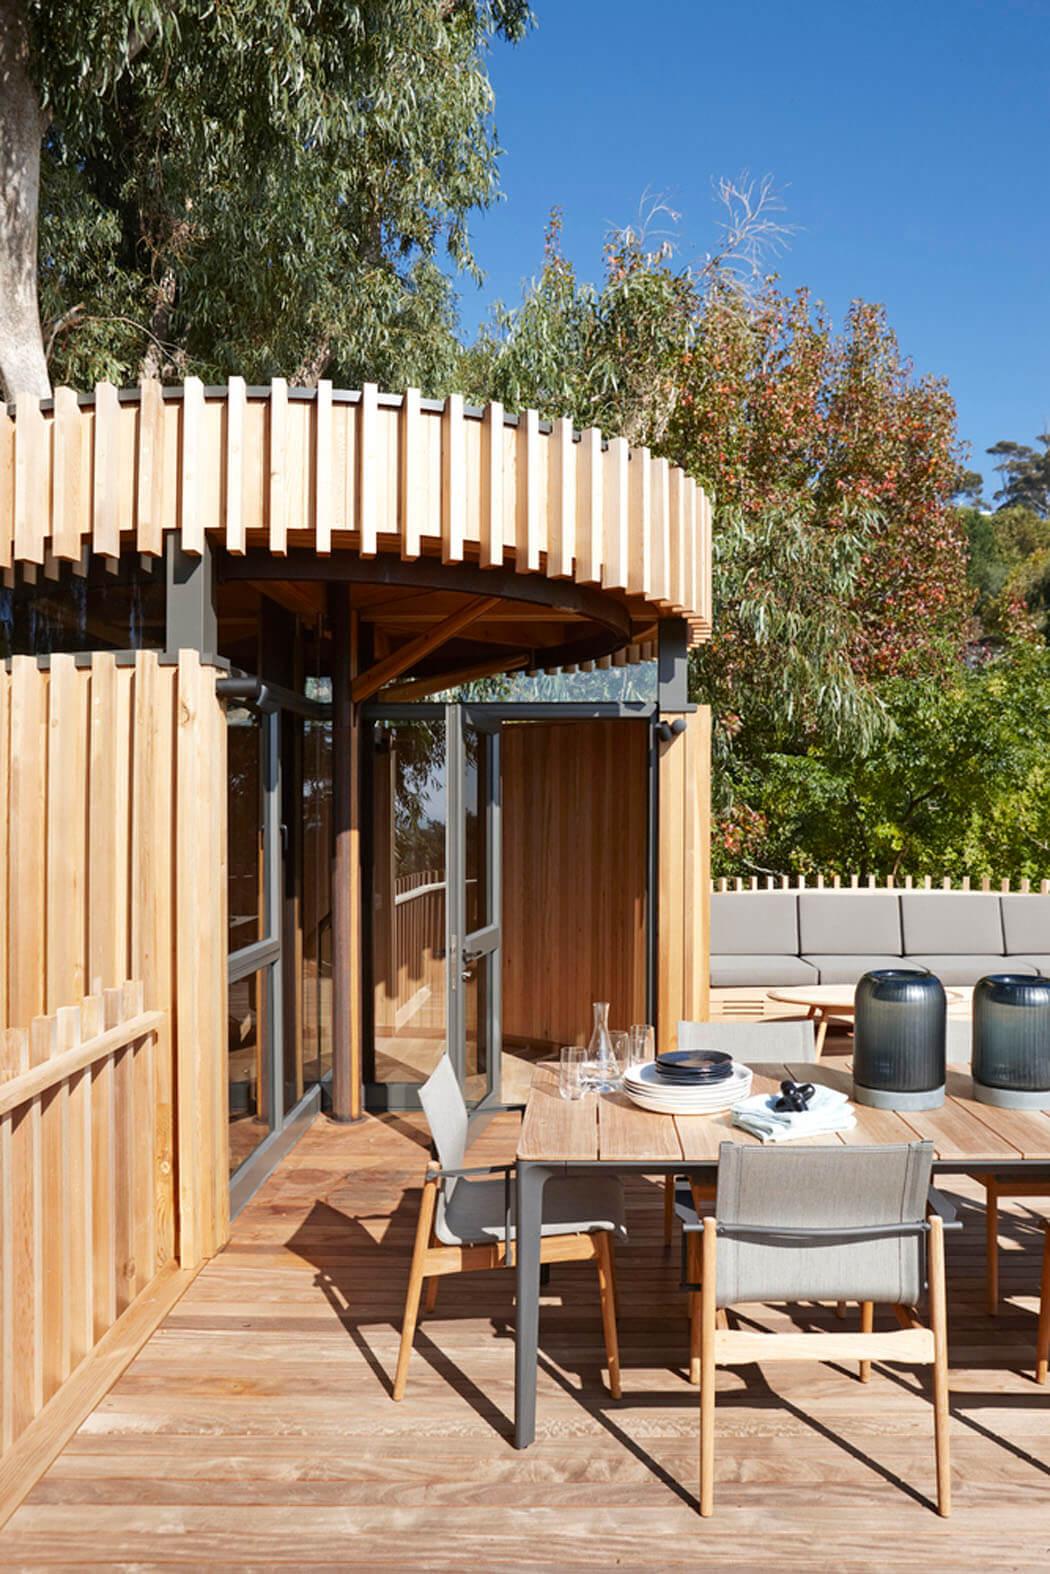 Maison originale inspir e par la cabane dans les arbres for Architecture originale maison